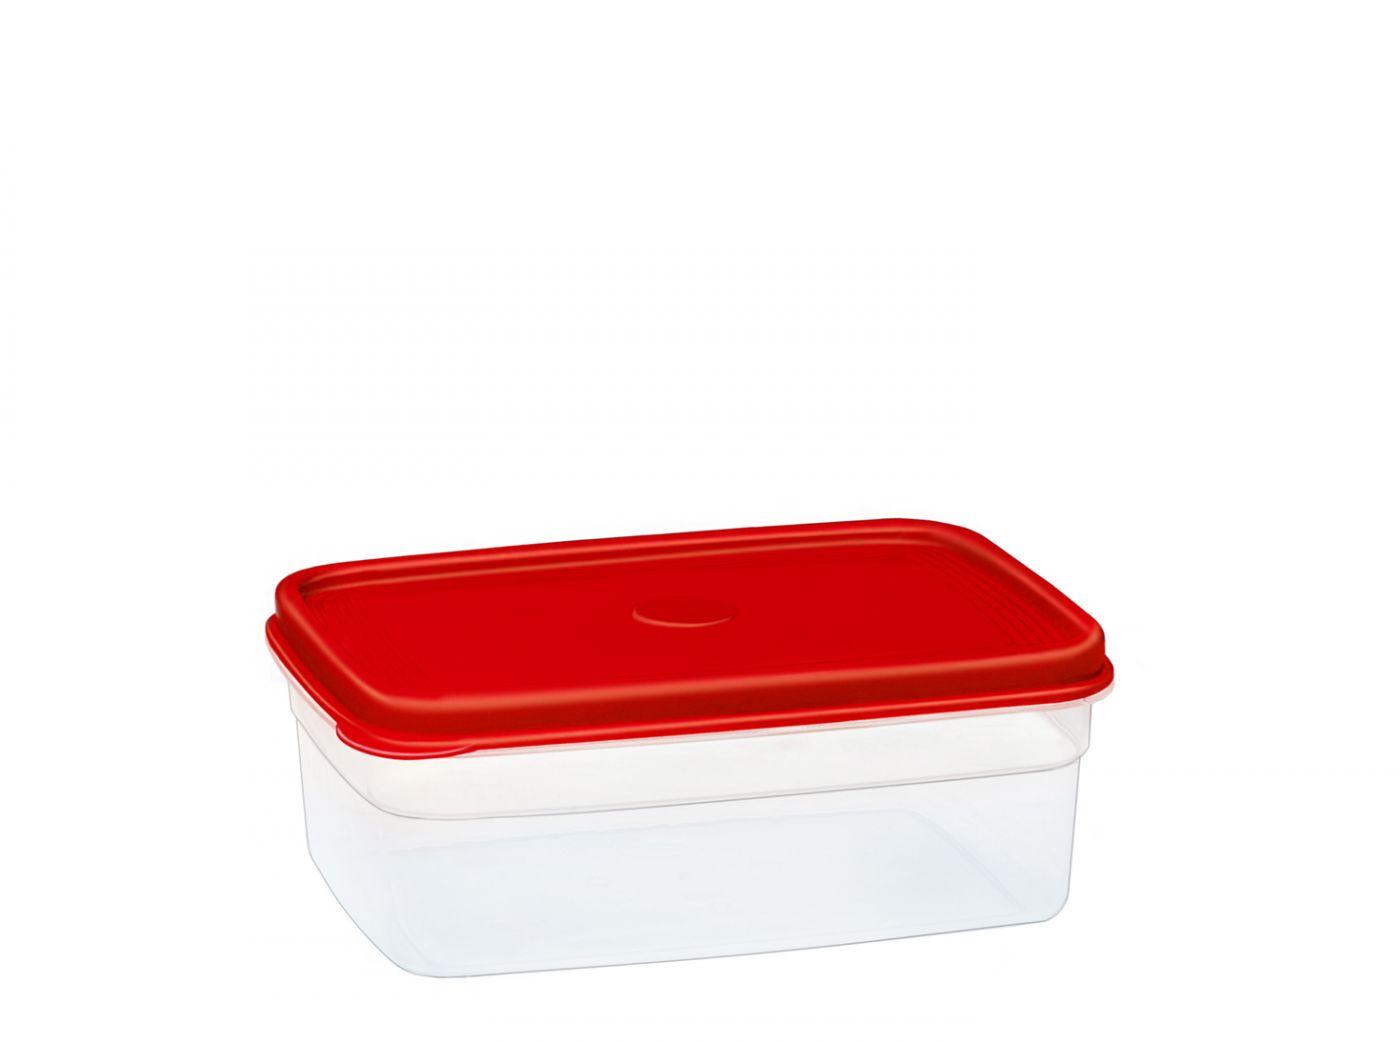 Бутербродница прямоугольная 0,5 литра Эльфпласт контейнер для хранения еды с крышкой 14x10x5,3 см